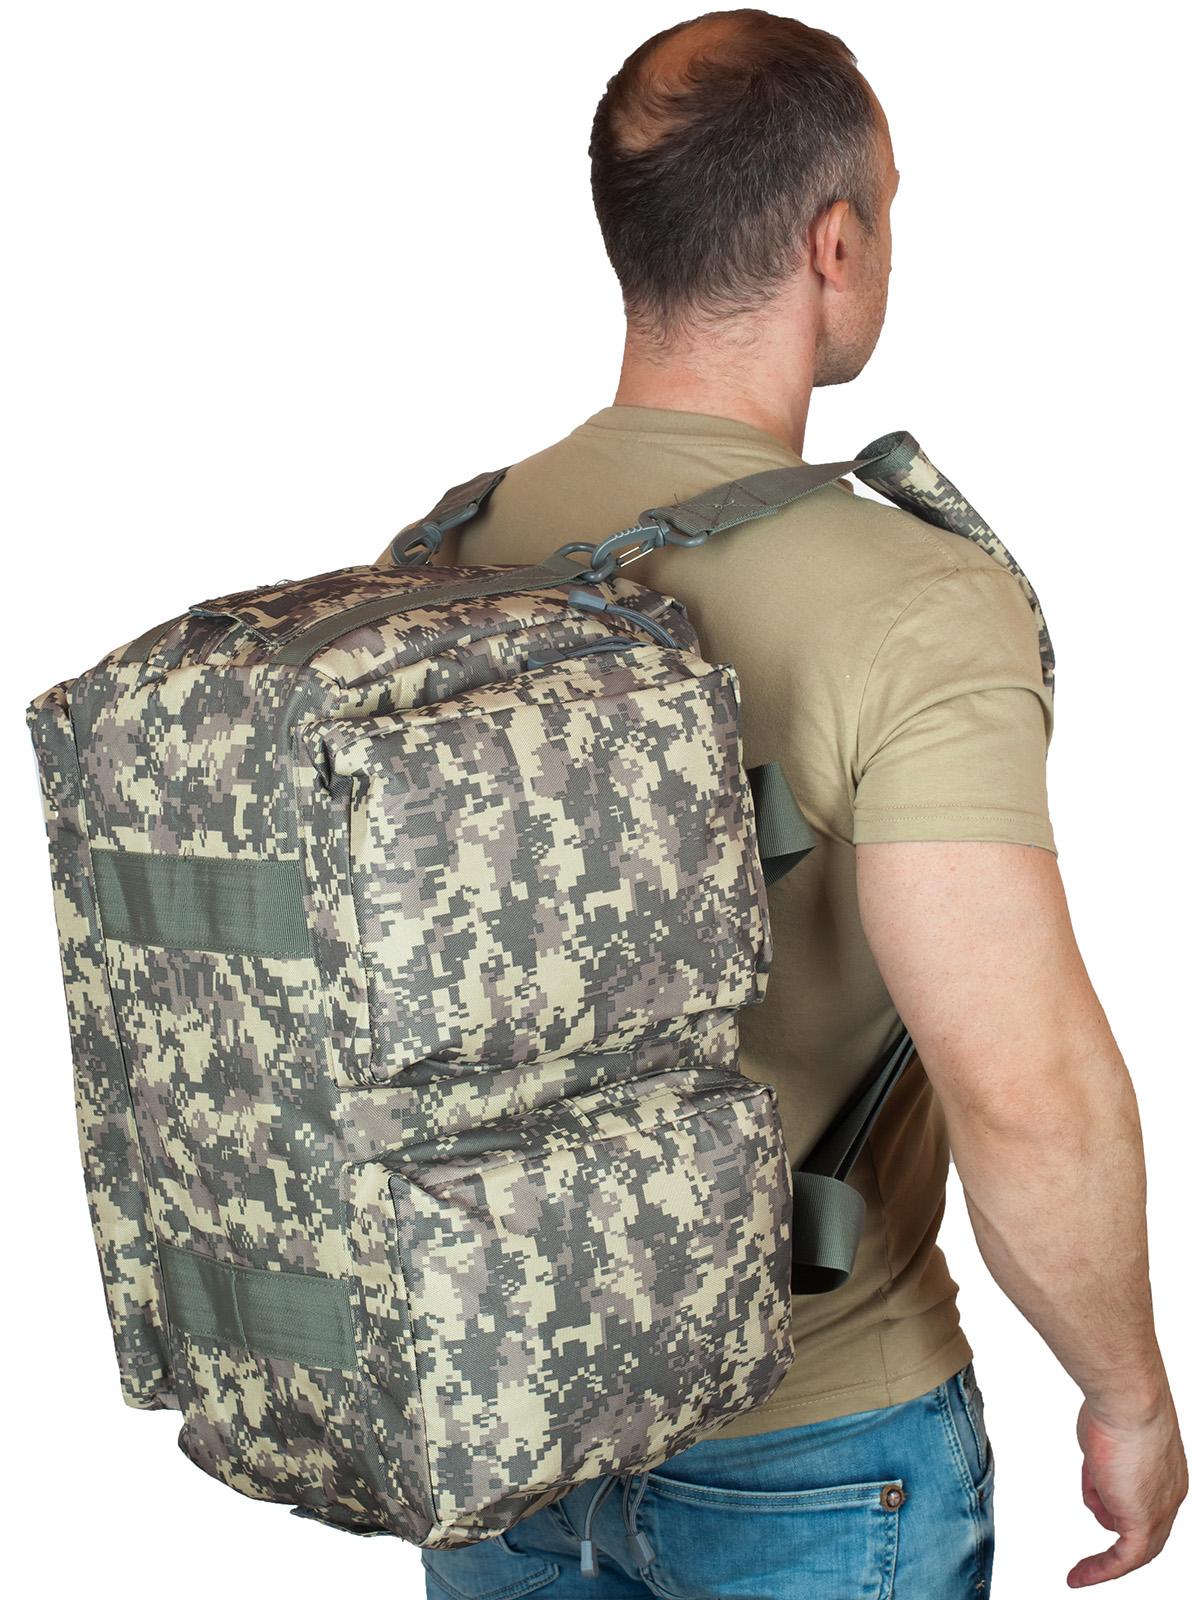 Купить походную камуфляжную сумку ФСО с доставкой в ваш город